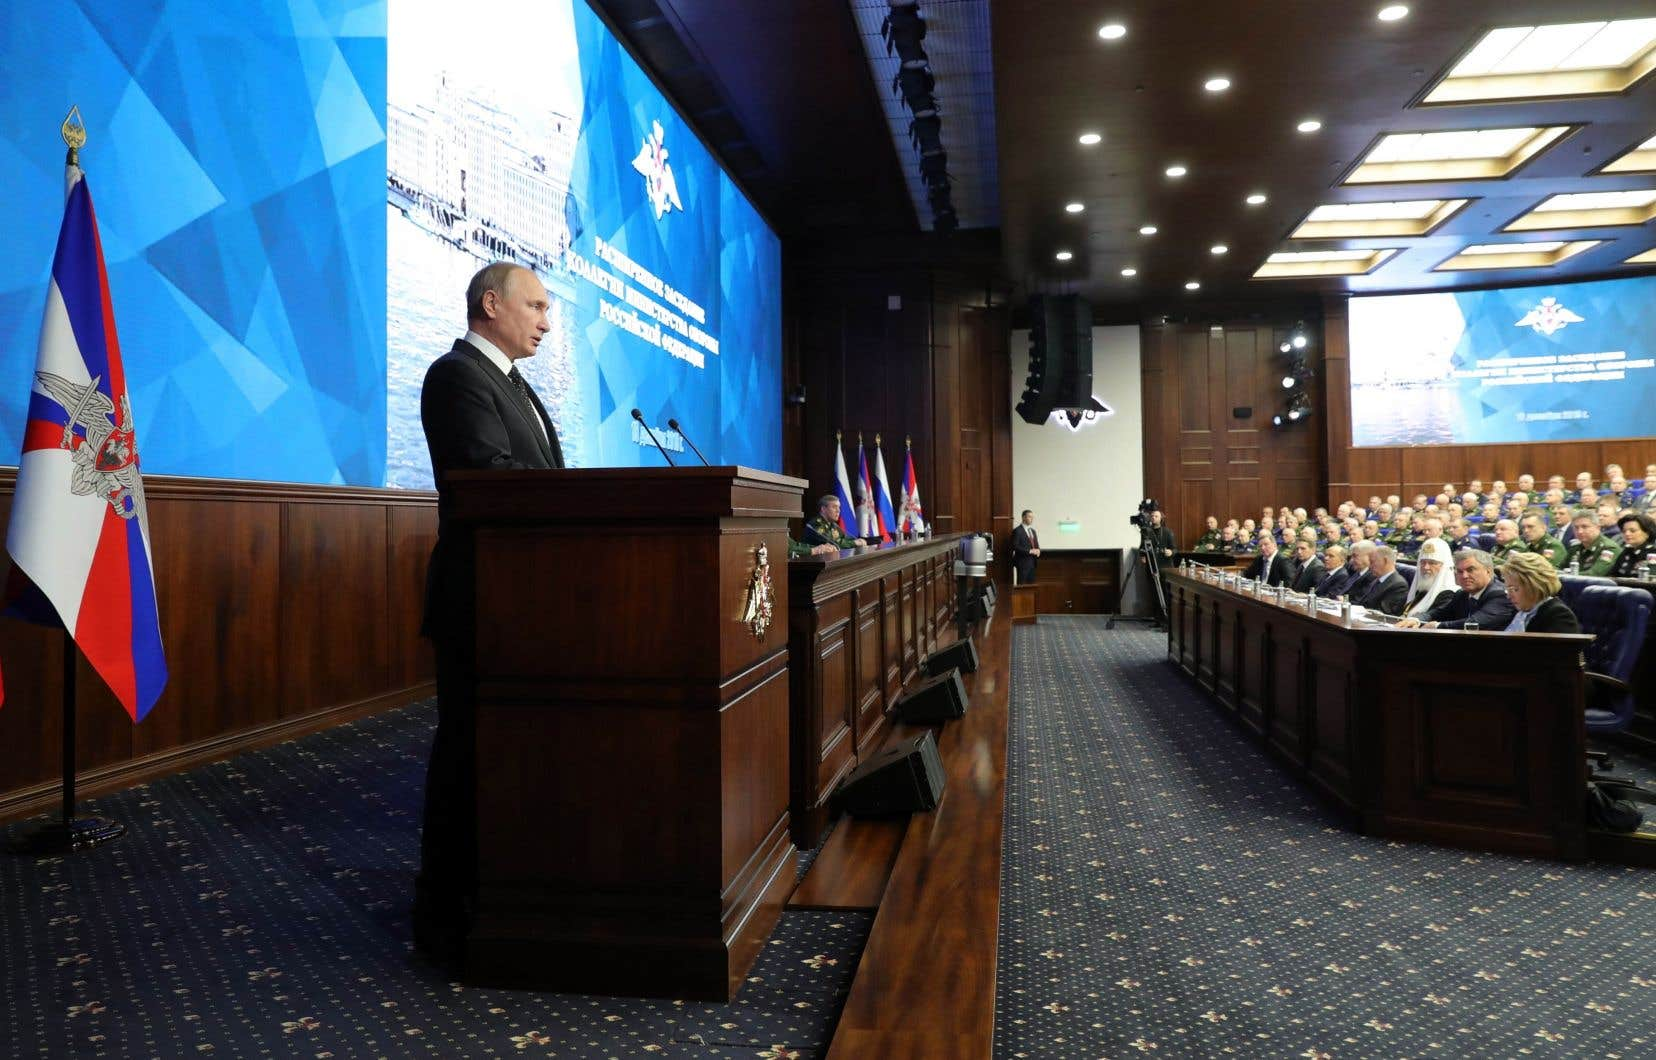 Vladimir Poutine a suggéré d'accueillir de nouveaux pays dans le traité INF, signé et appliqué seulement par les États-Unis et la Russie.